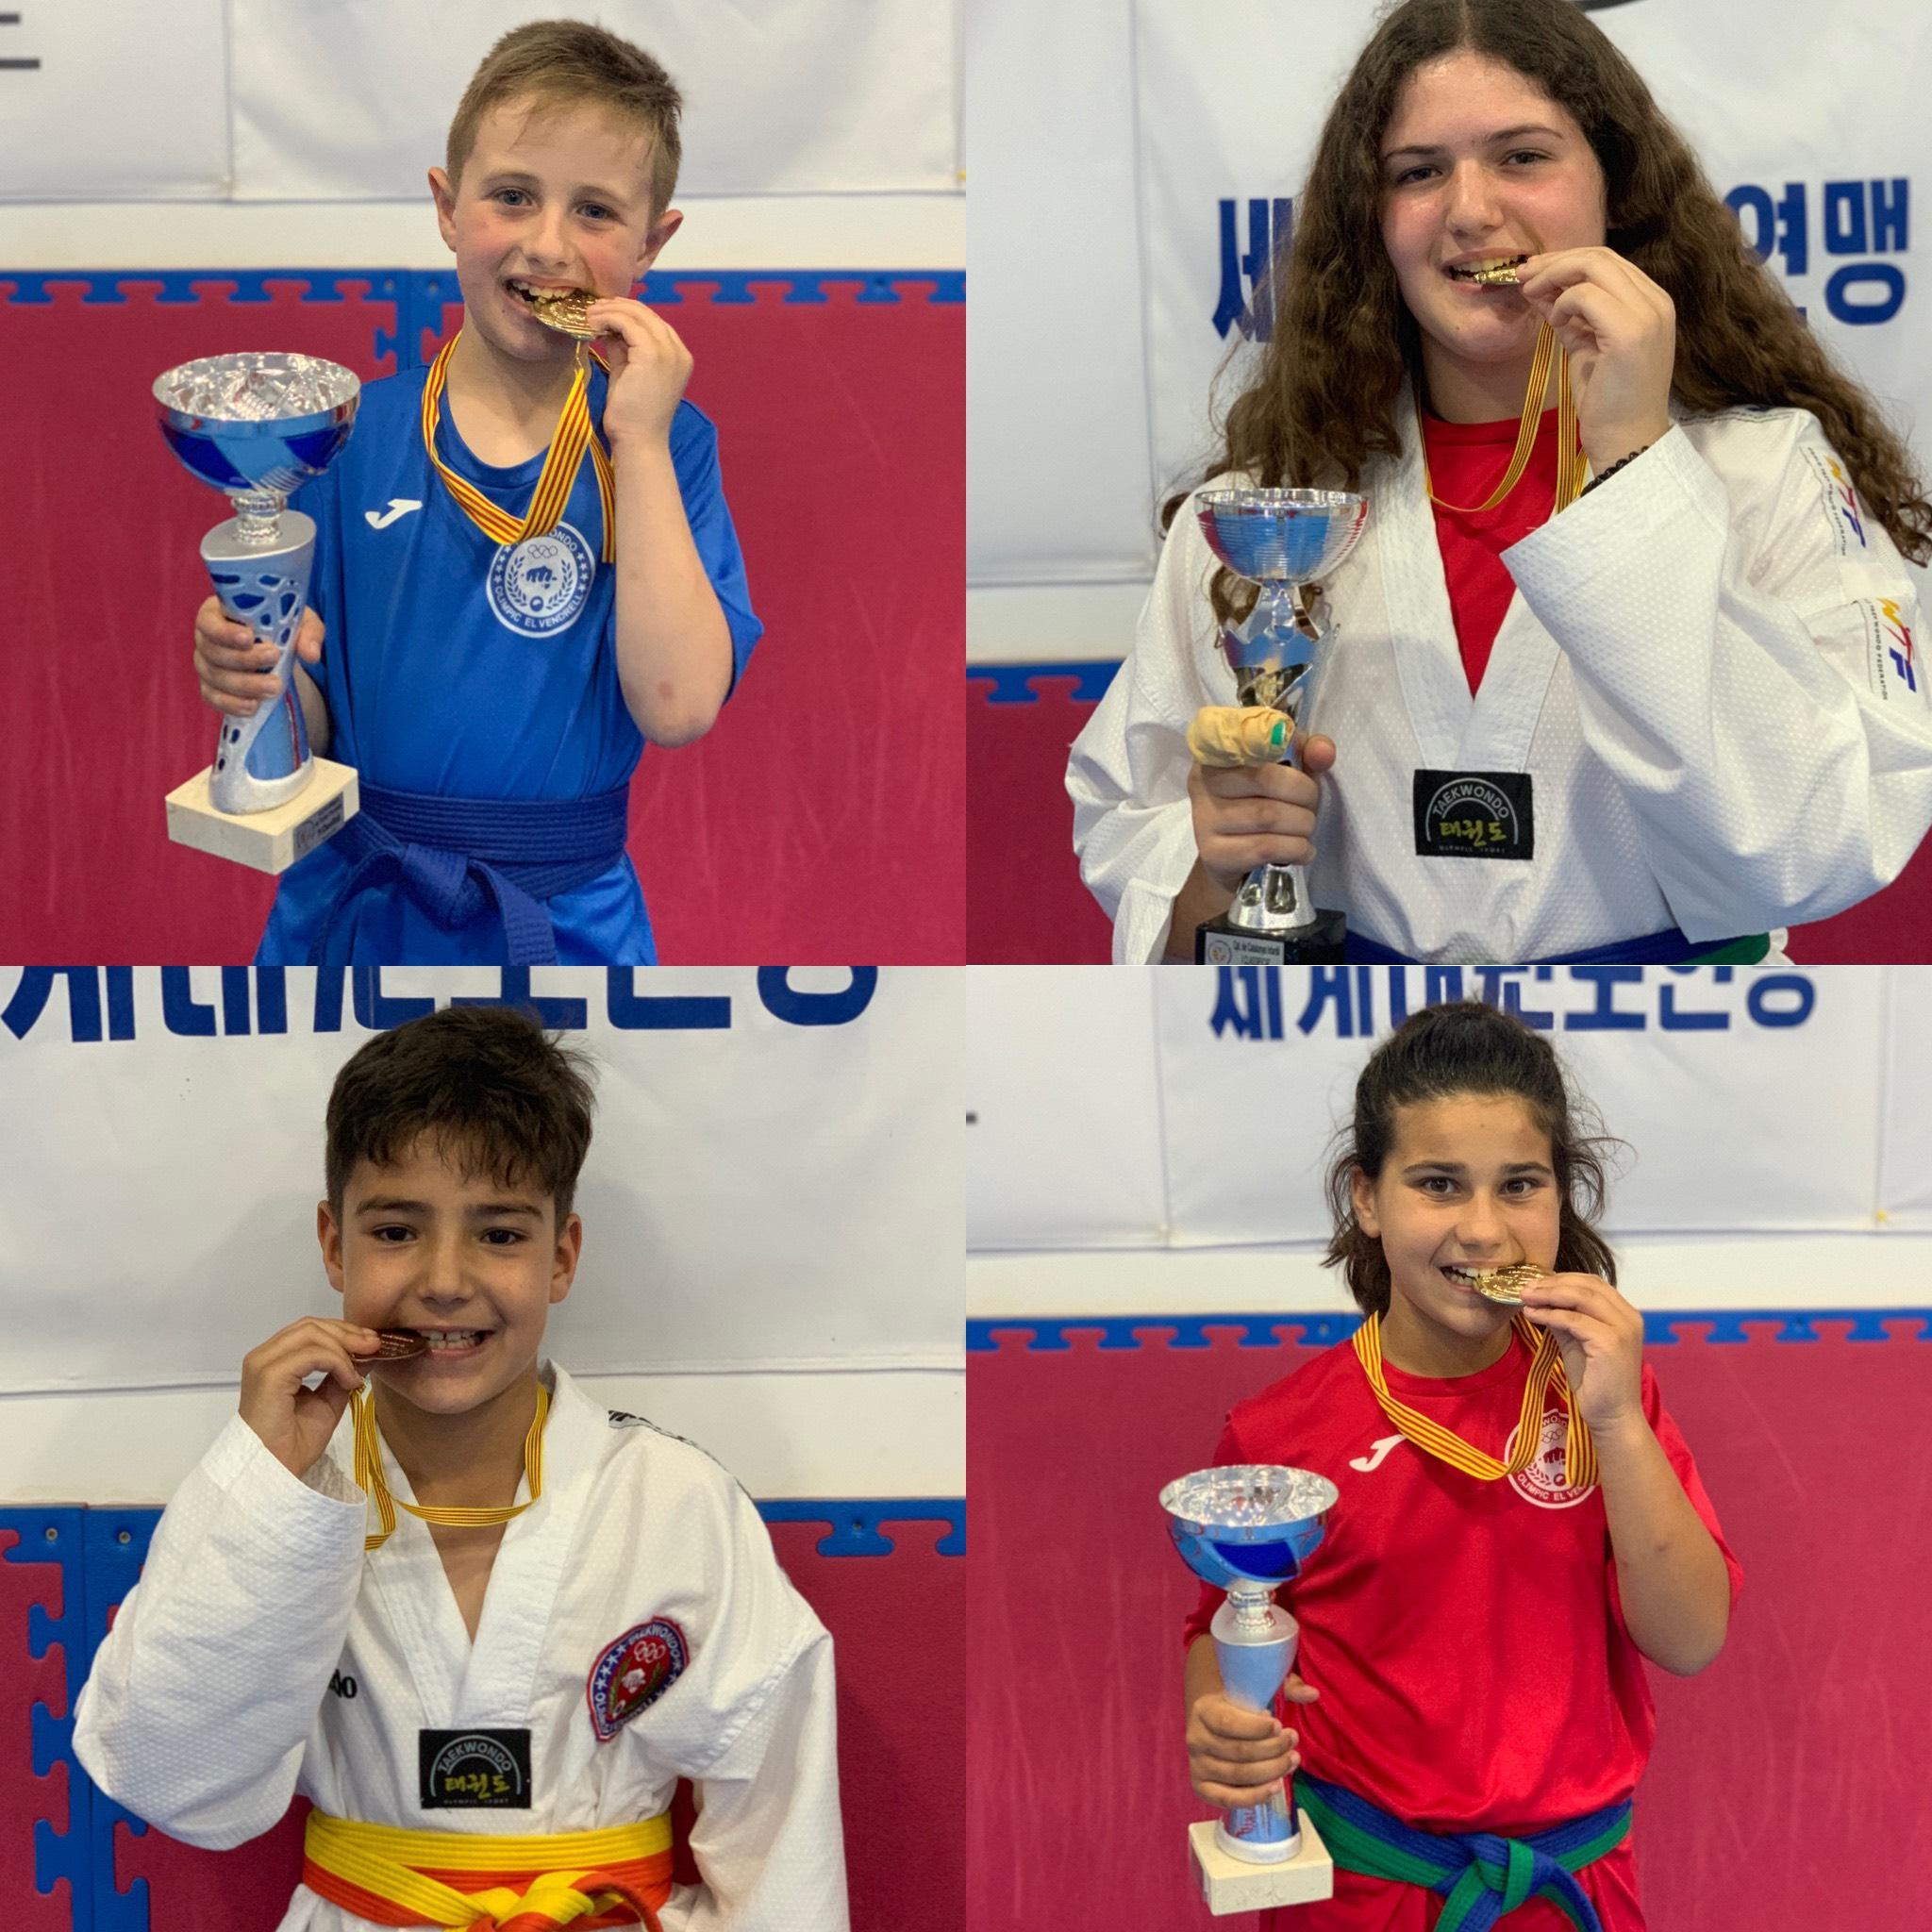 Quatre taekwondistes bisbalencs esdevenen campions de Catalunya